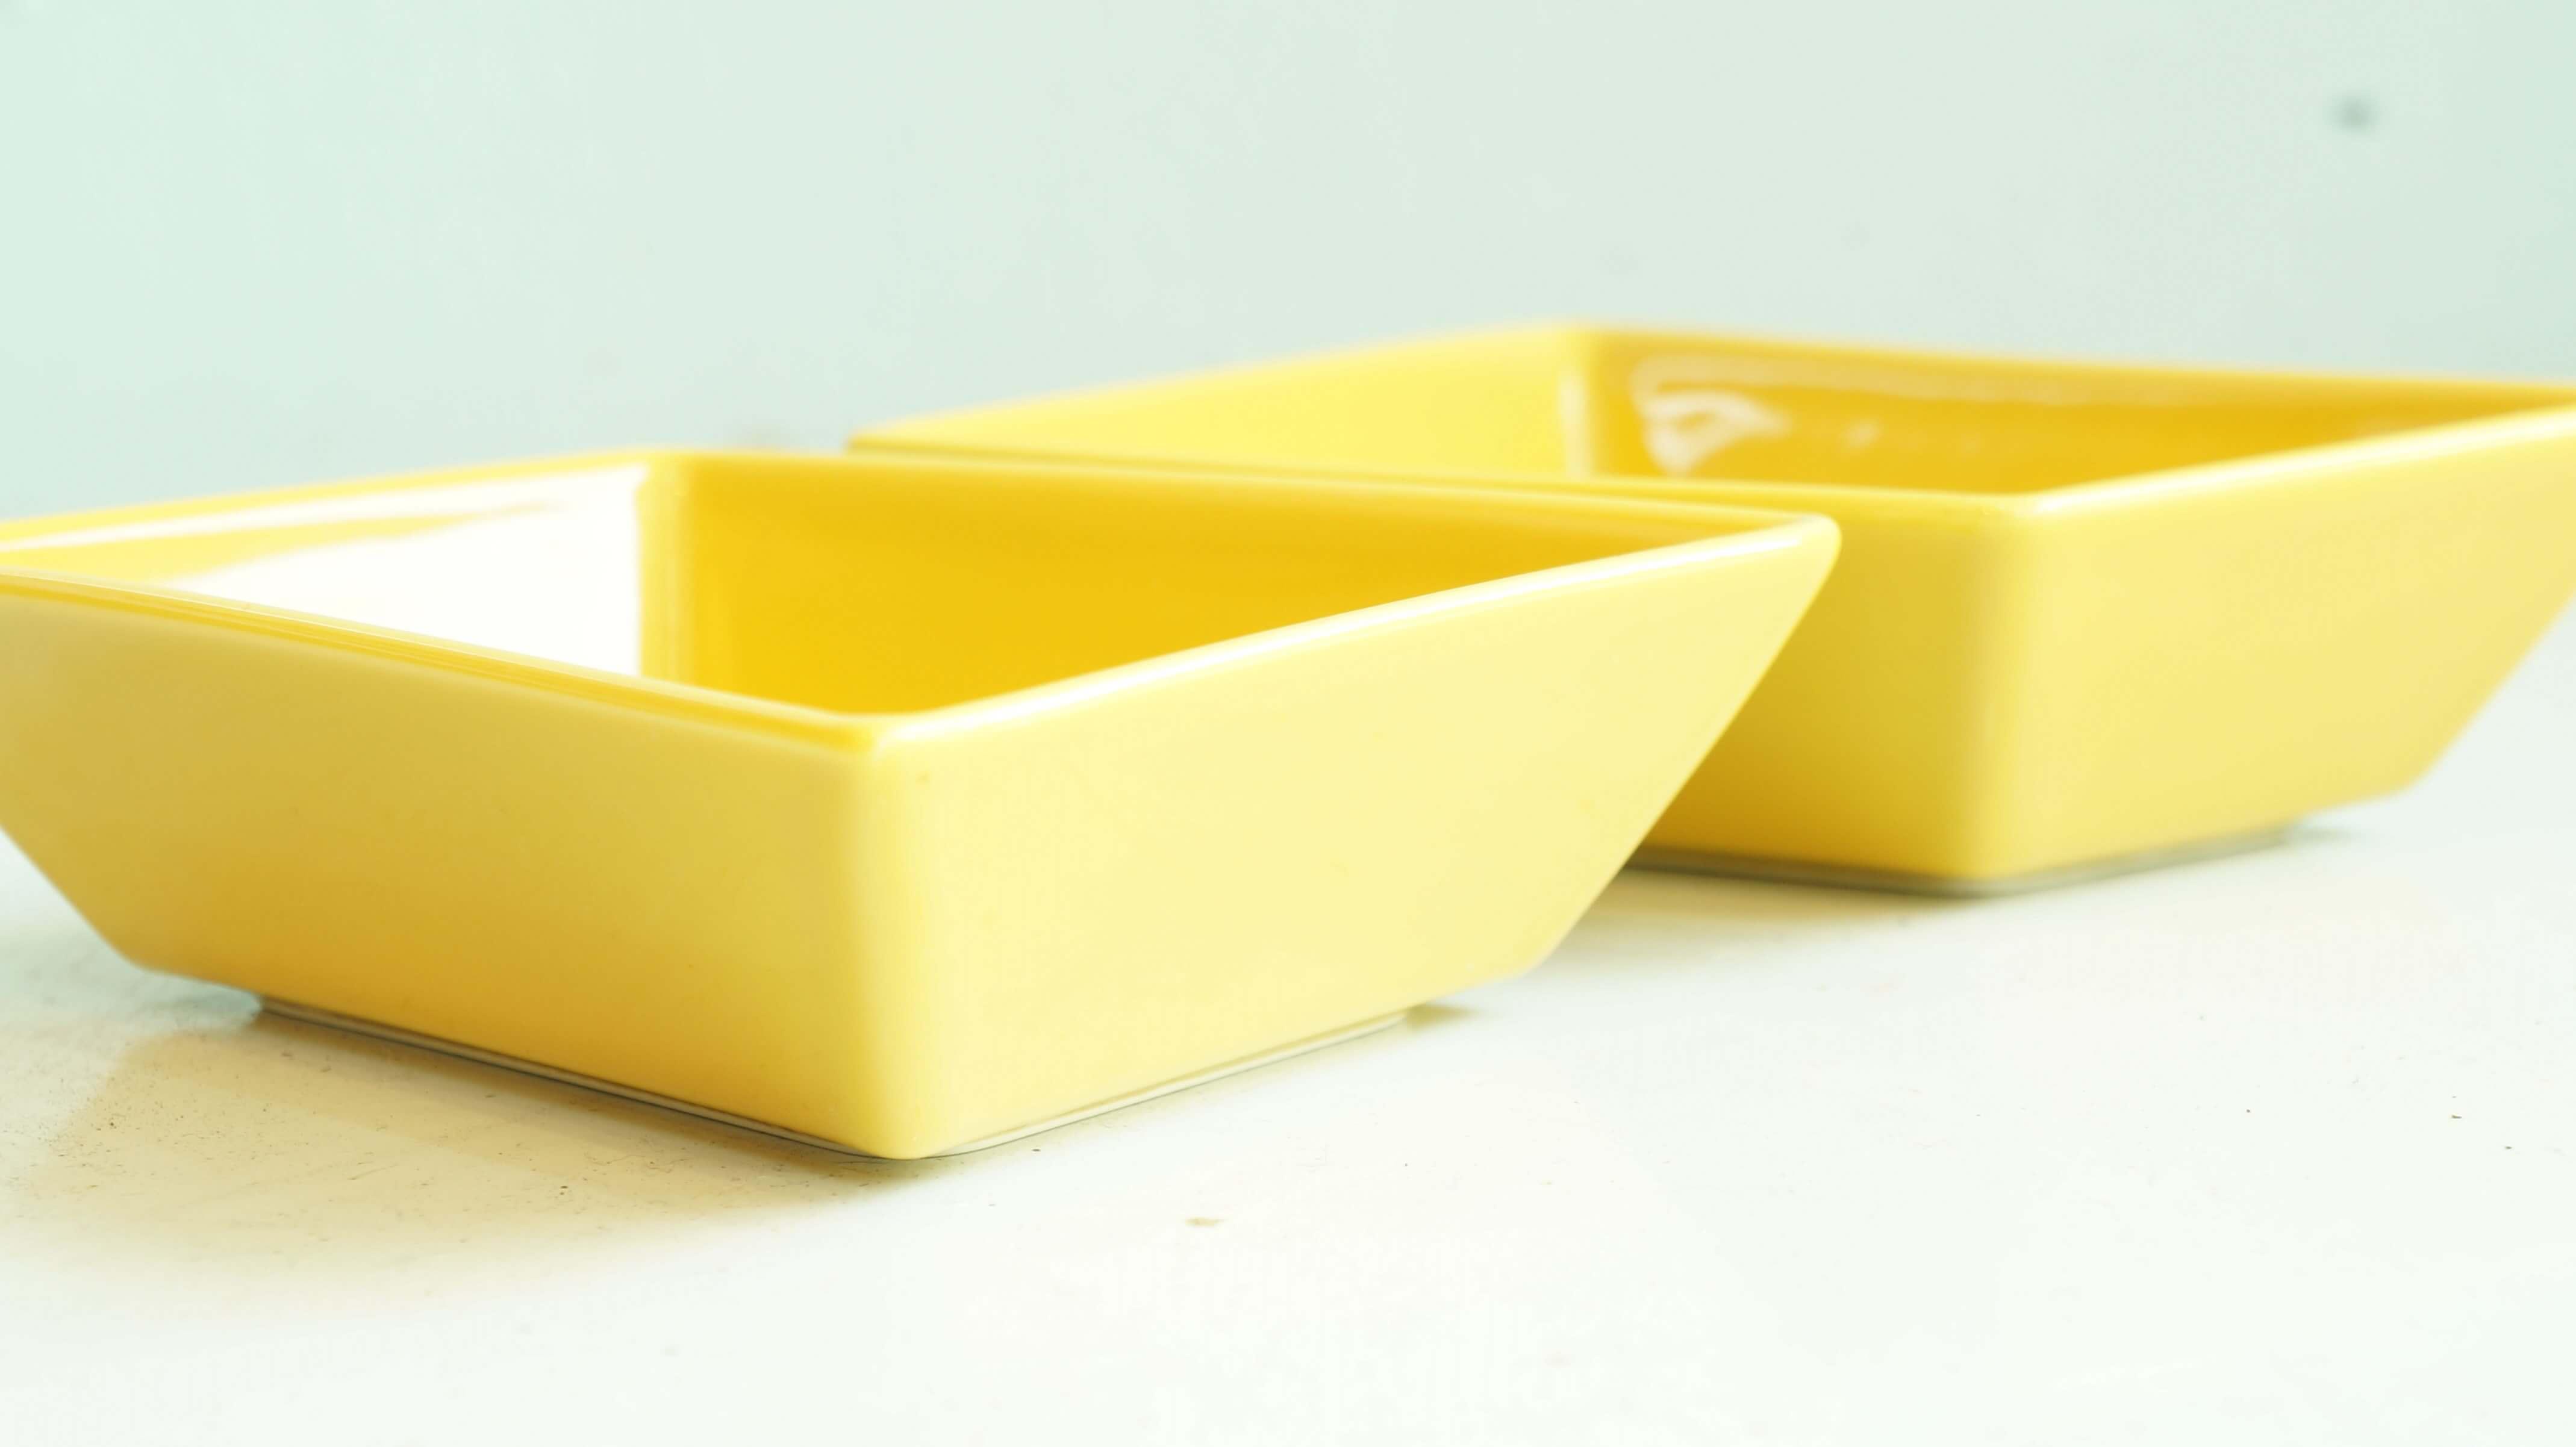 """ARABIA """"ABC"""" plate yellow M size designed by Pekka Harni/アラビア """"ABC"""" プレート イエロー Mサイズ ペッカ・ハルニ デザイン"""